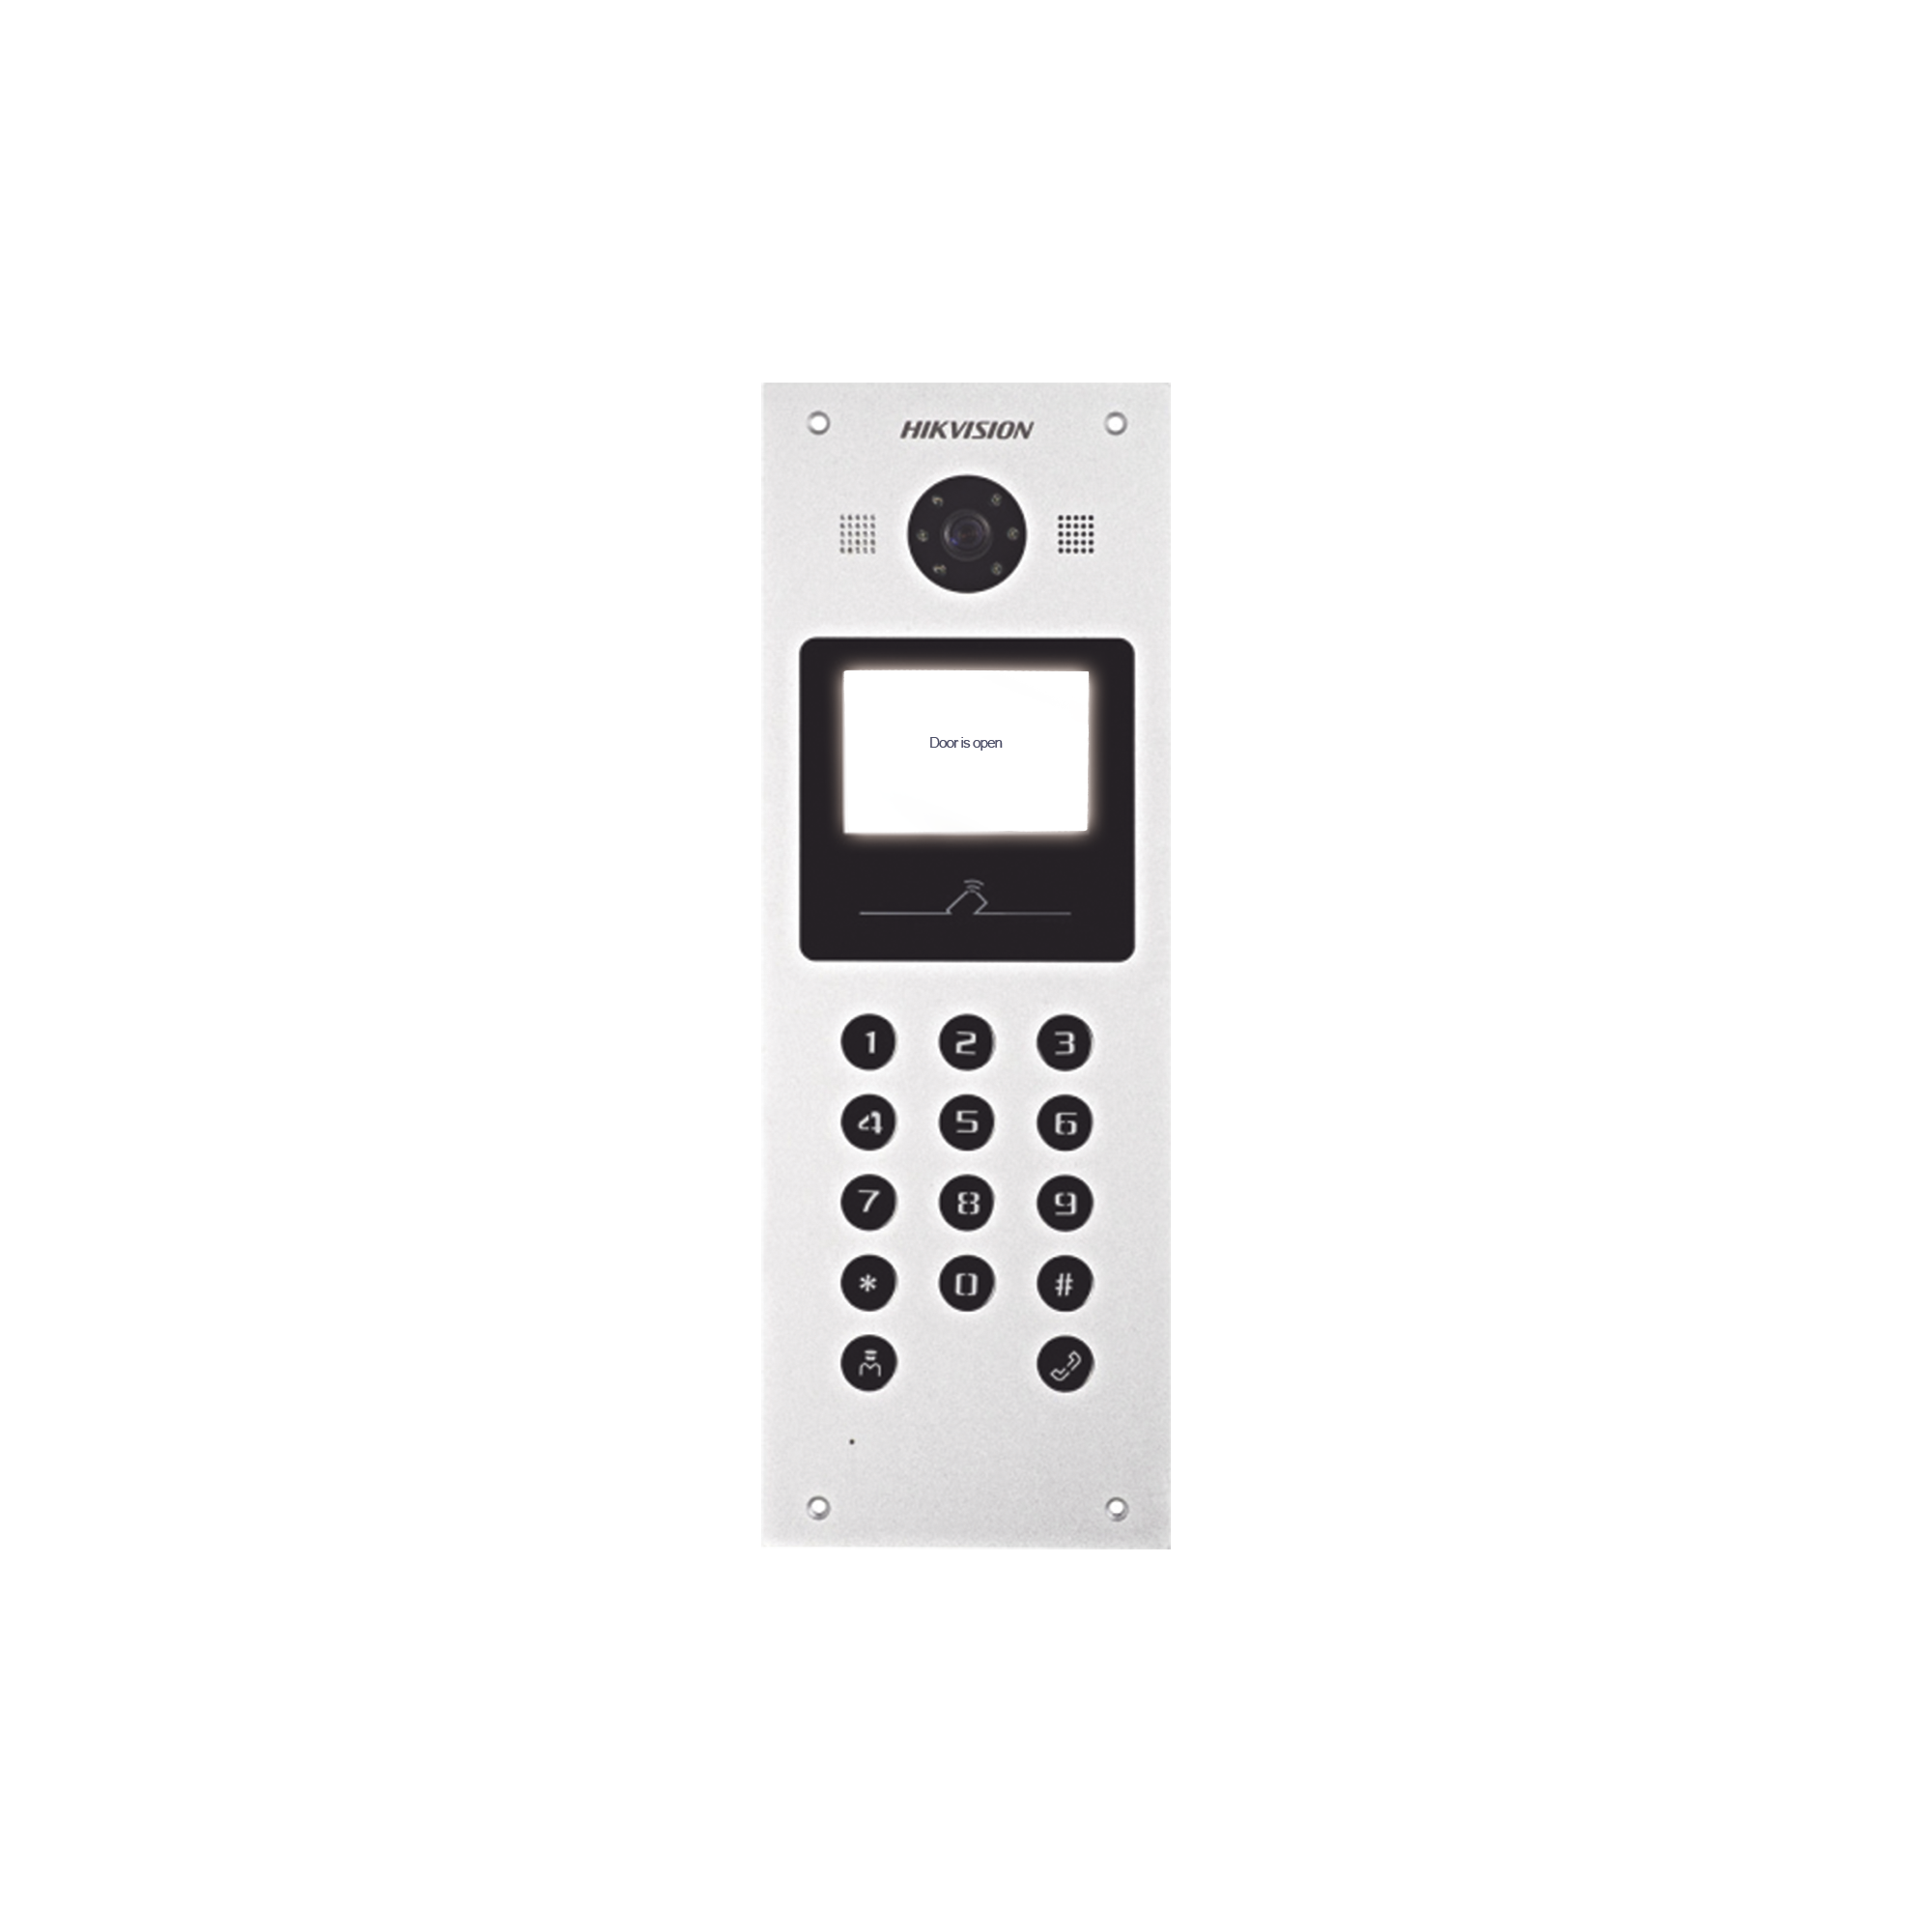 Sistema Multiapartamento IP / Lector de Tarjetas MIFARE para Funcion de Acceso / Camara 1.3 Megapixel/ IP65